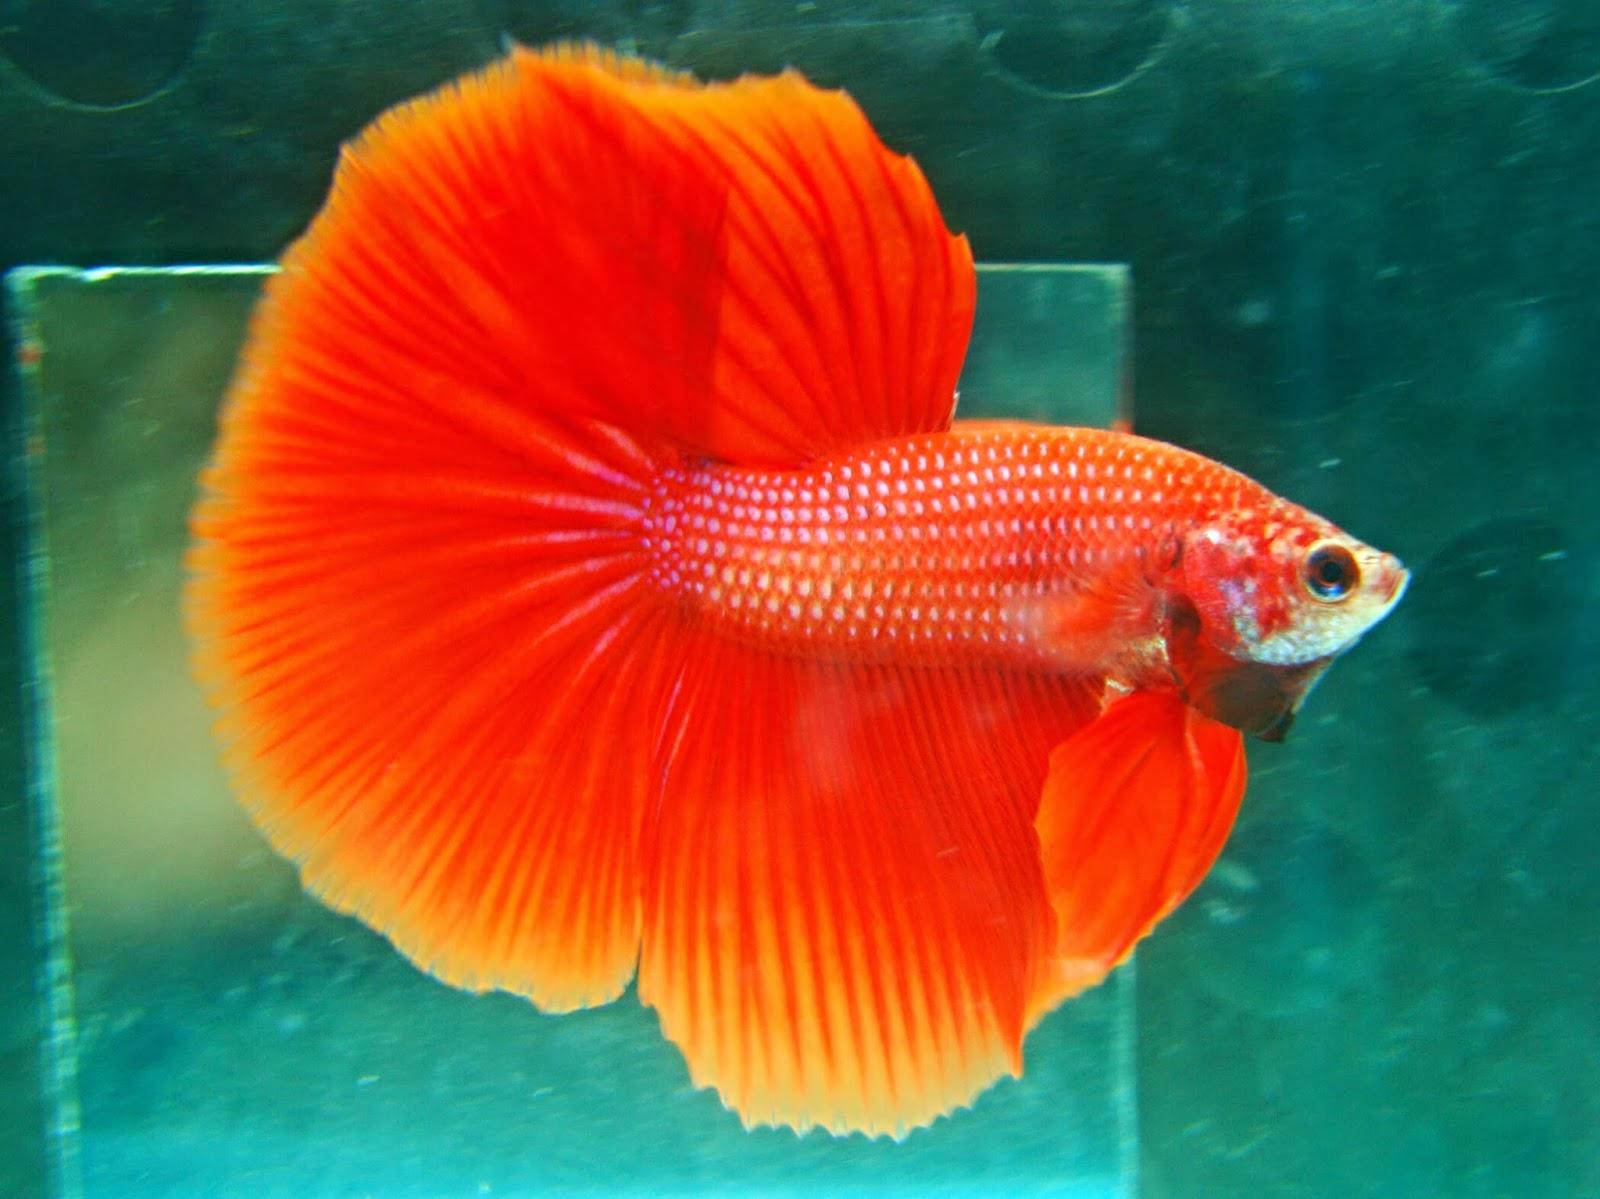 Mewarnai Gambar Ikan Cupang Hias Dan Laga Murid 17 Viewinviteco